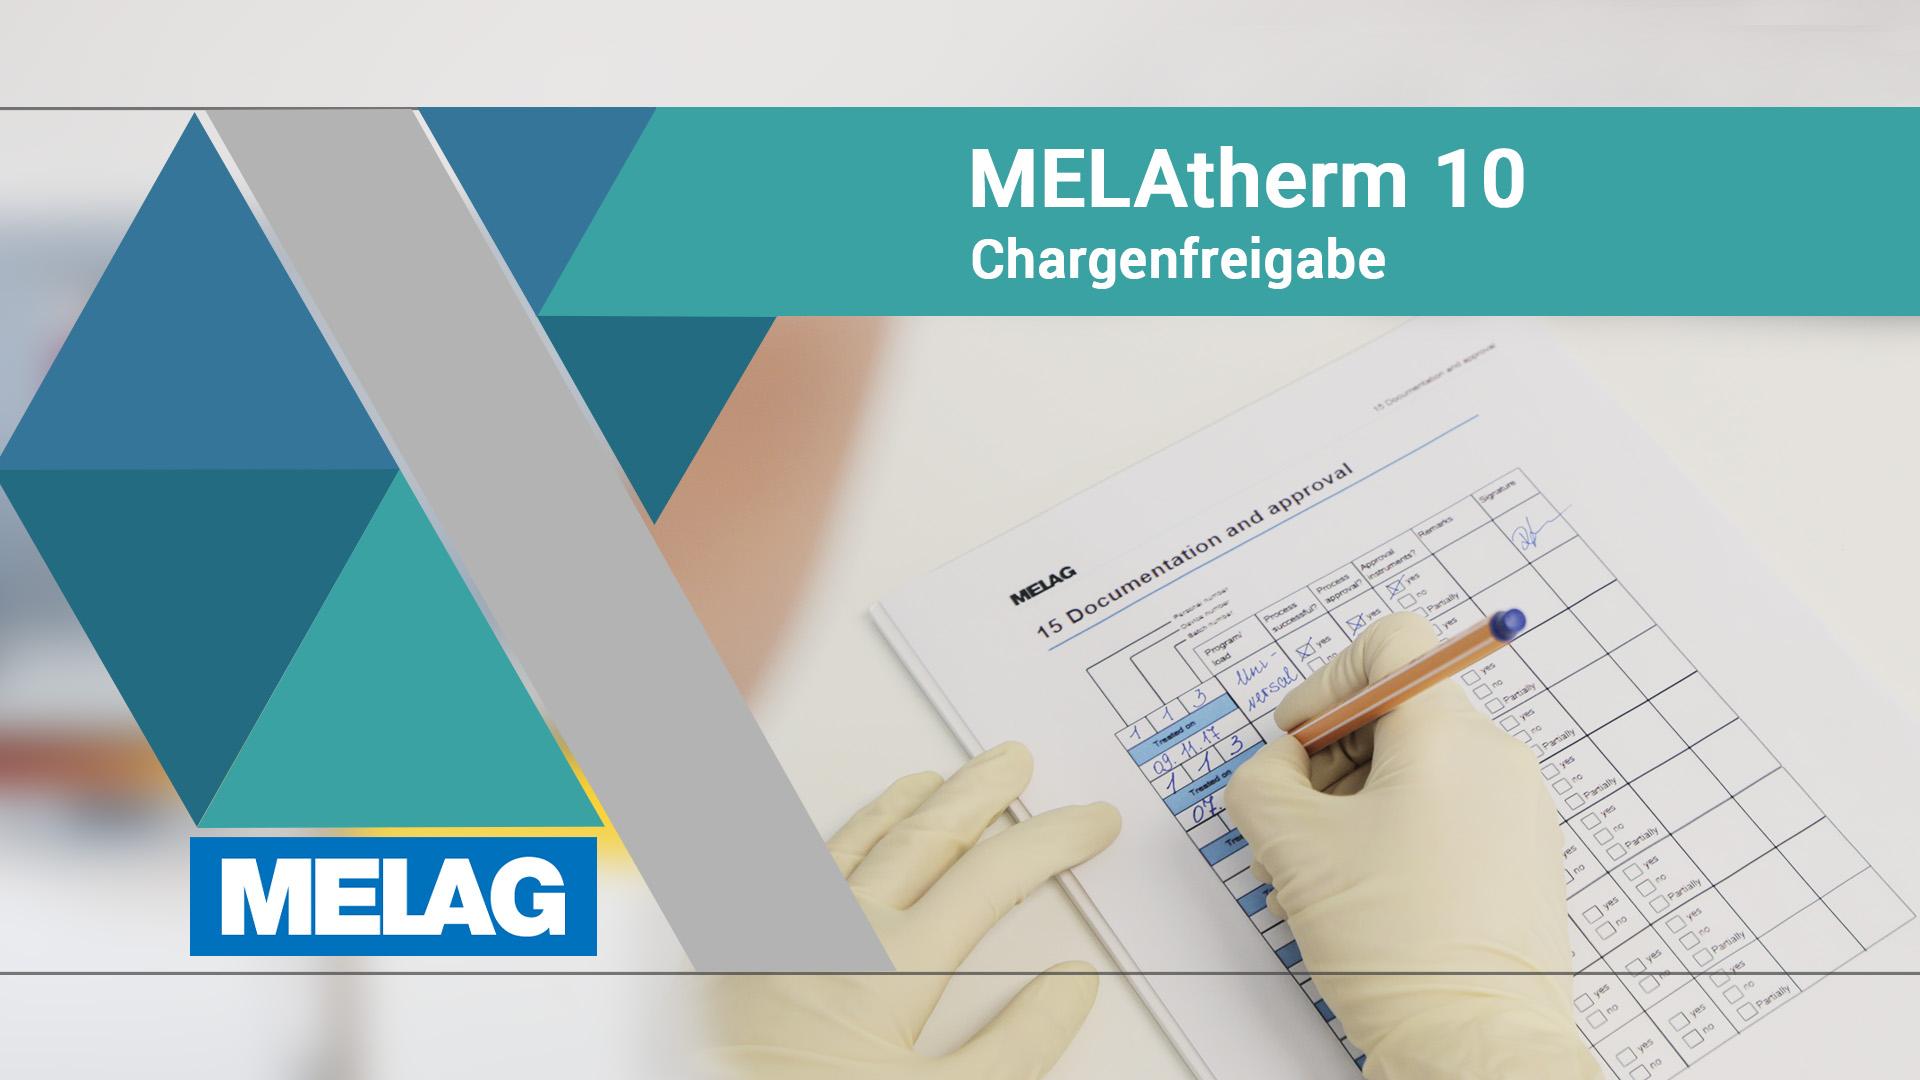 Chargenfreigabe beim RDG MELAtherm 10